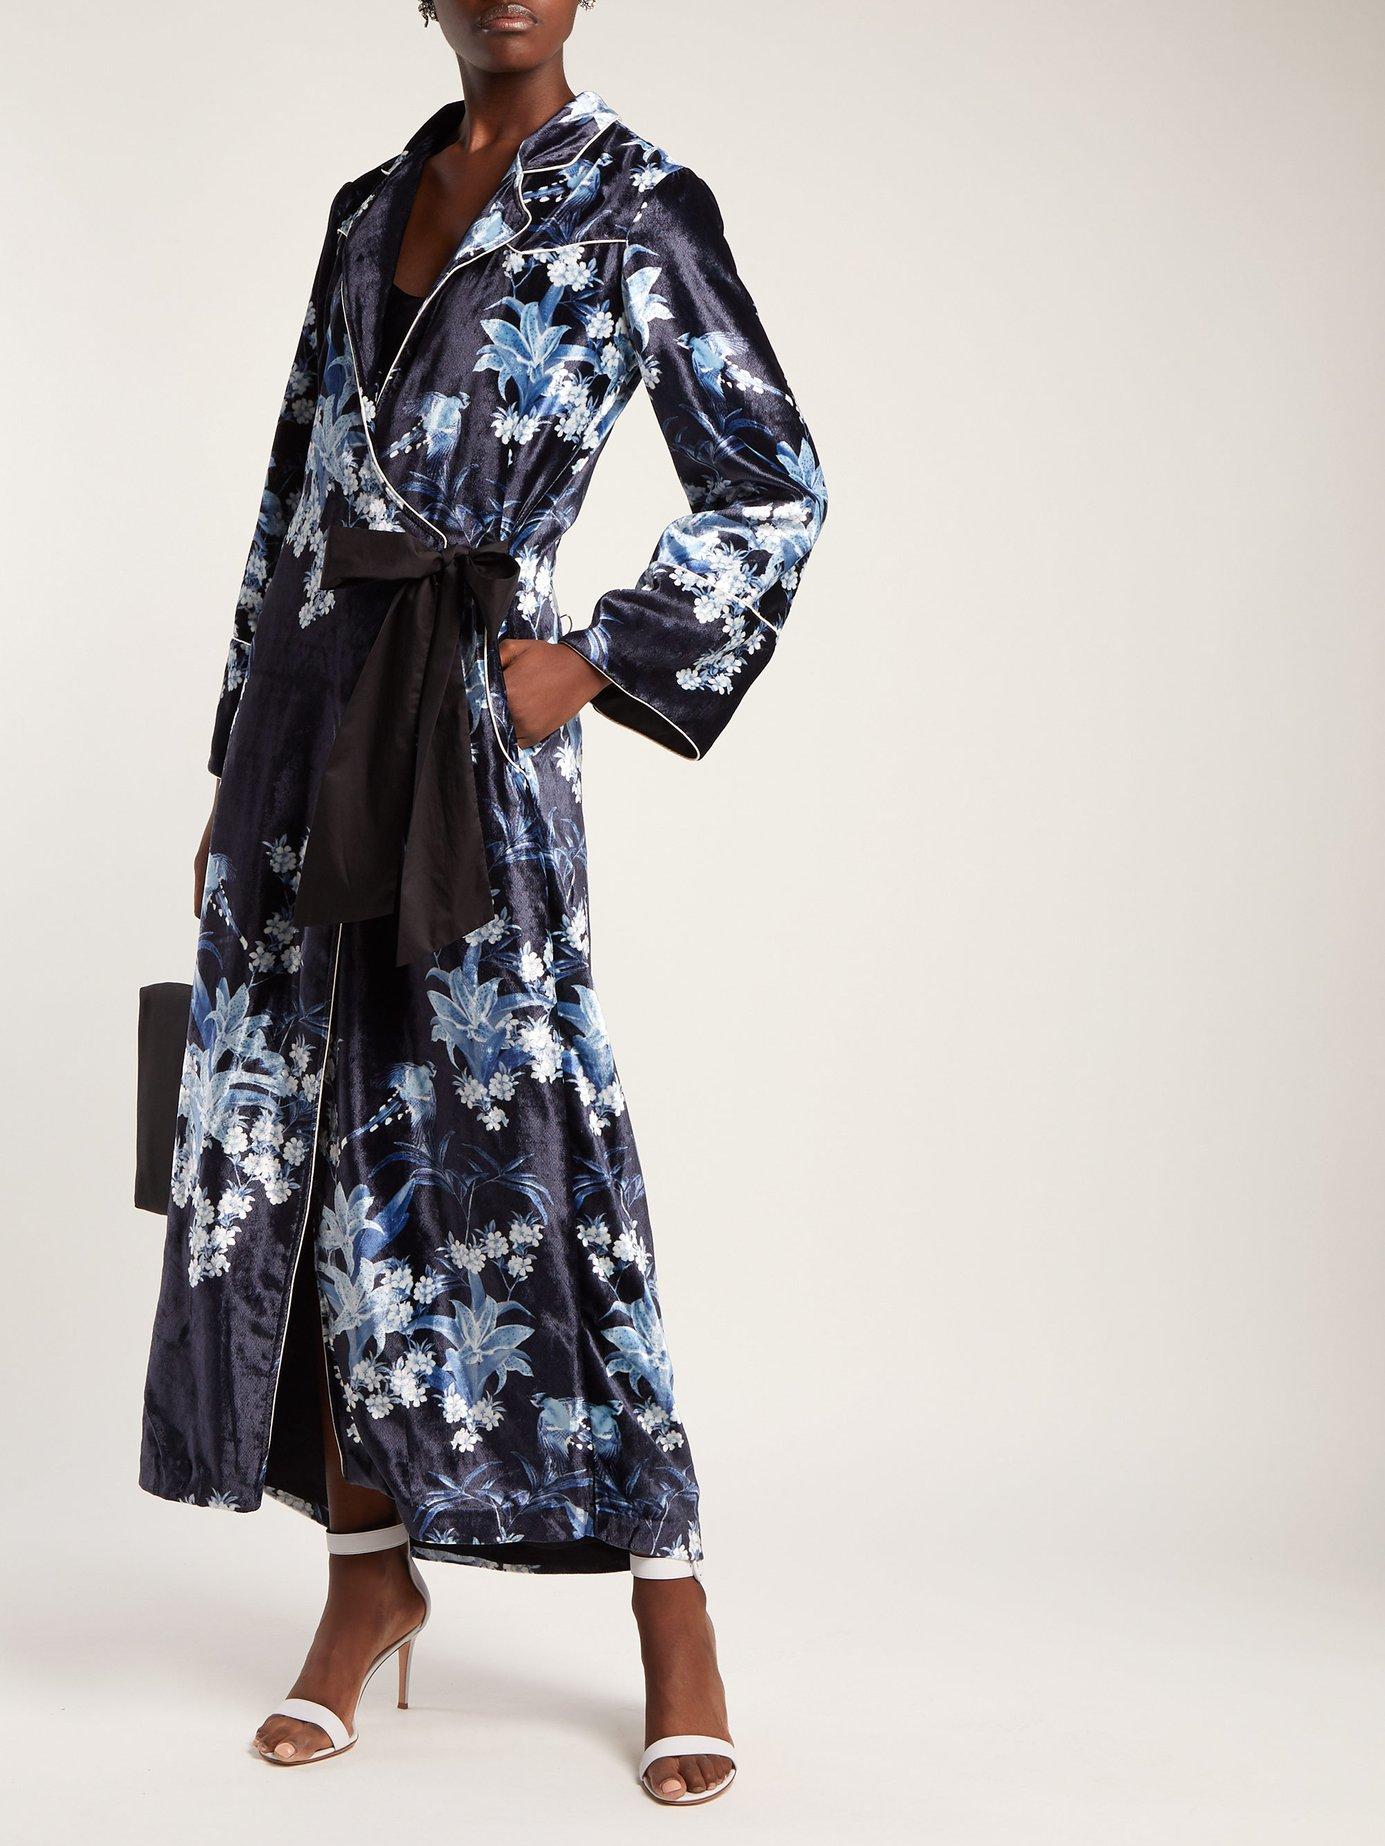 New Sunrise floral-print velvet gown by Johanna Ortiz